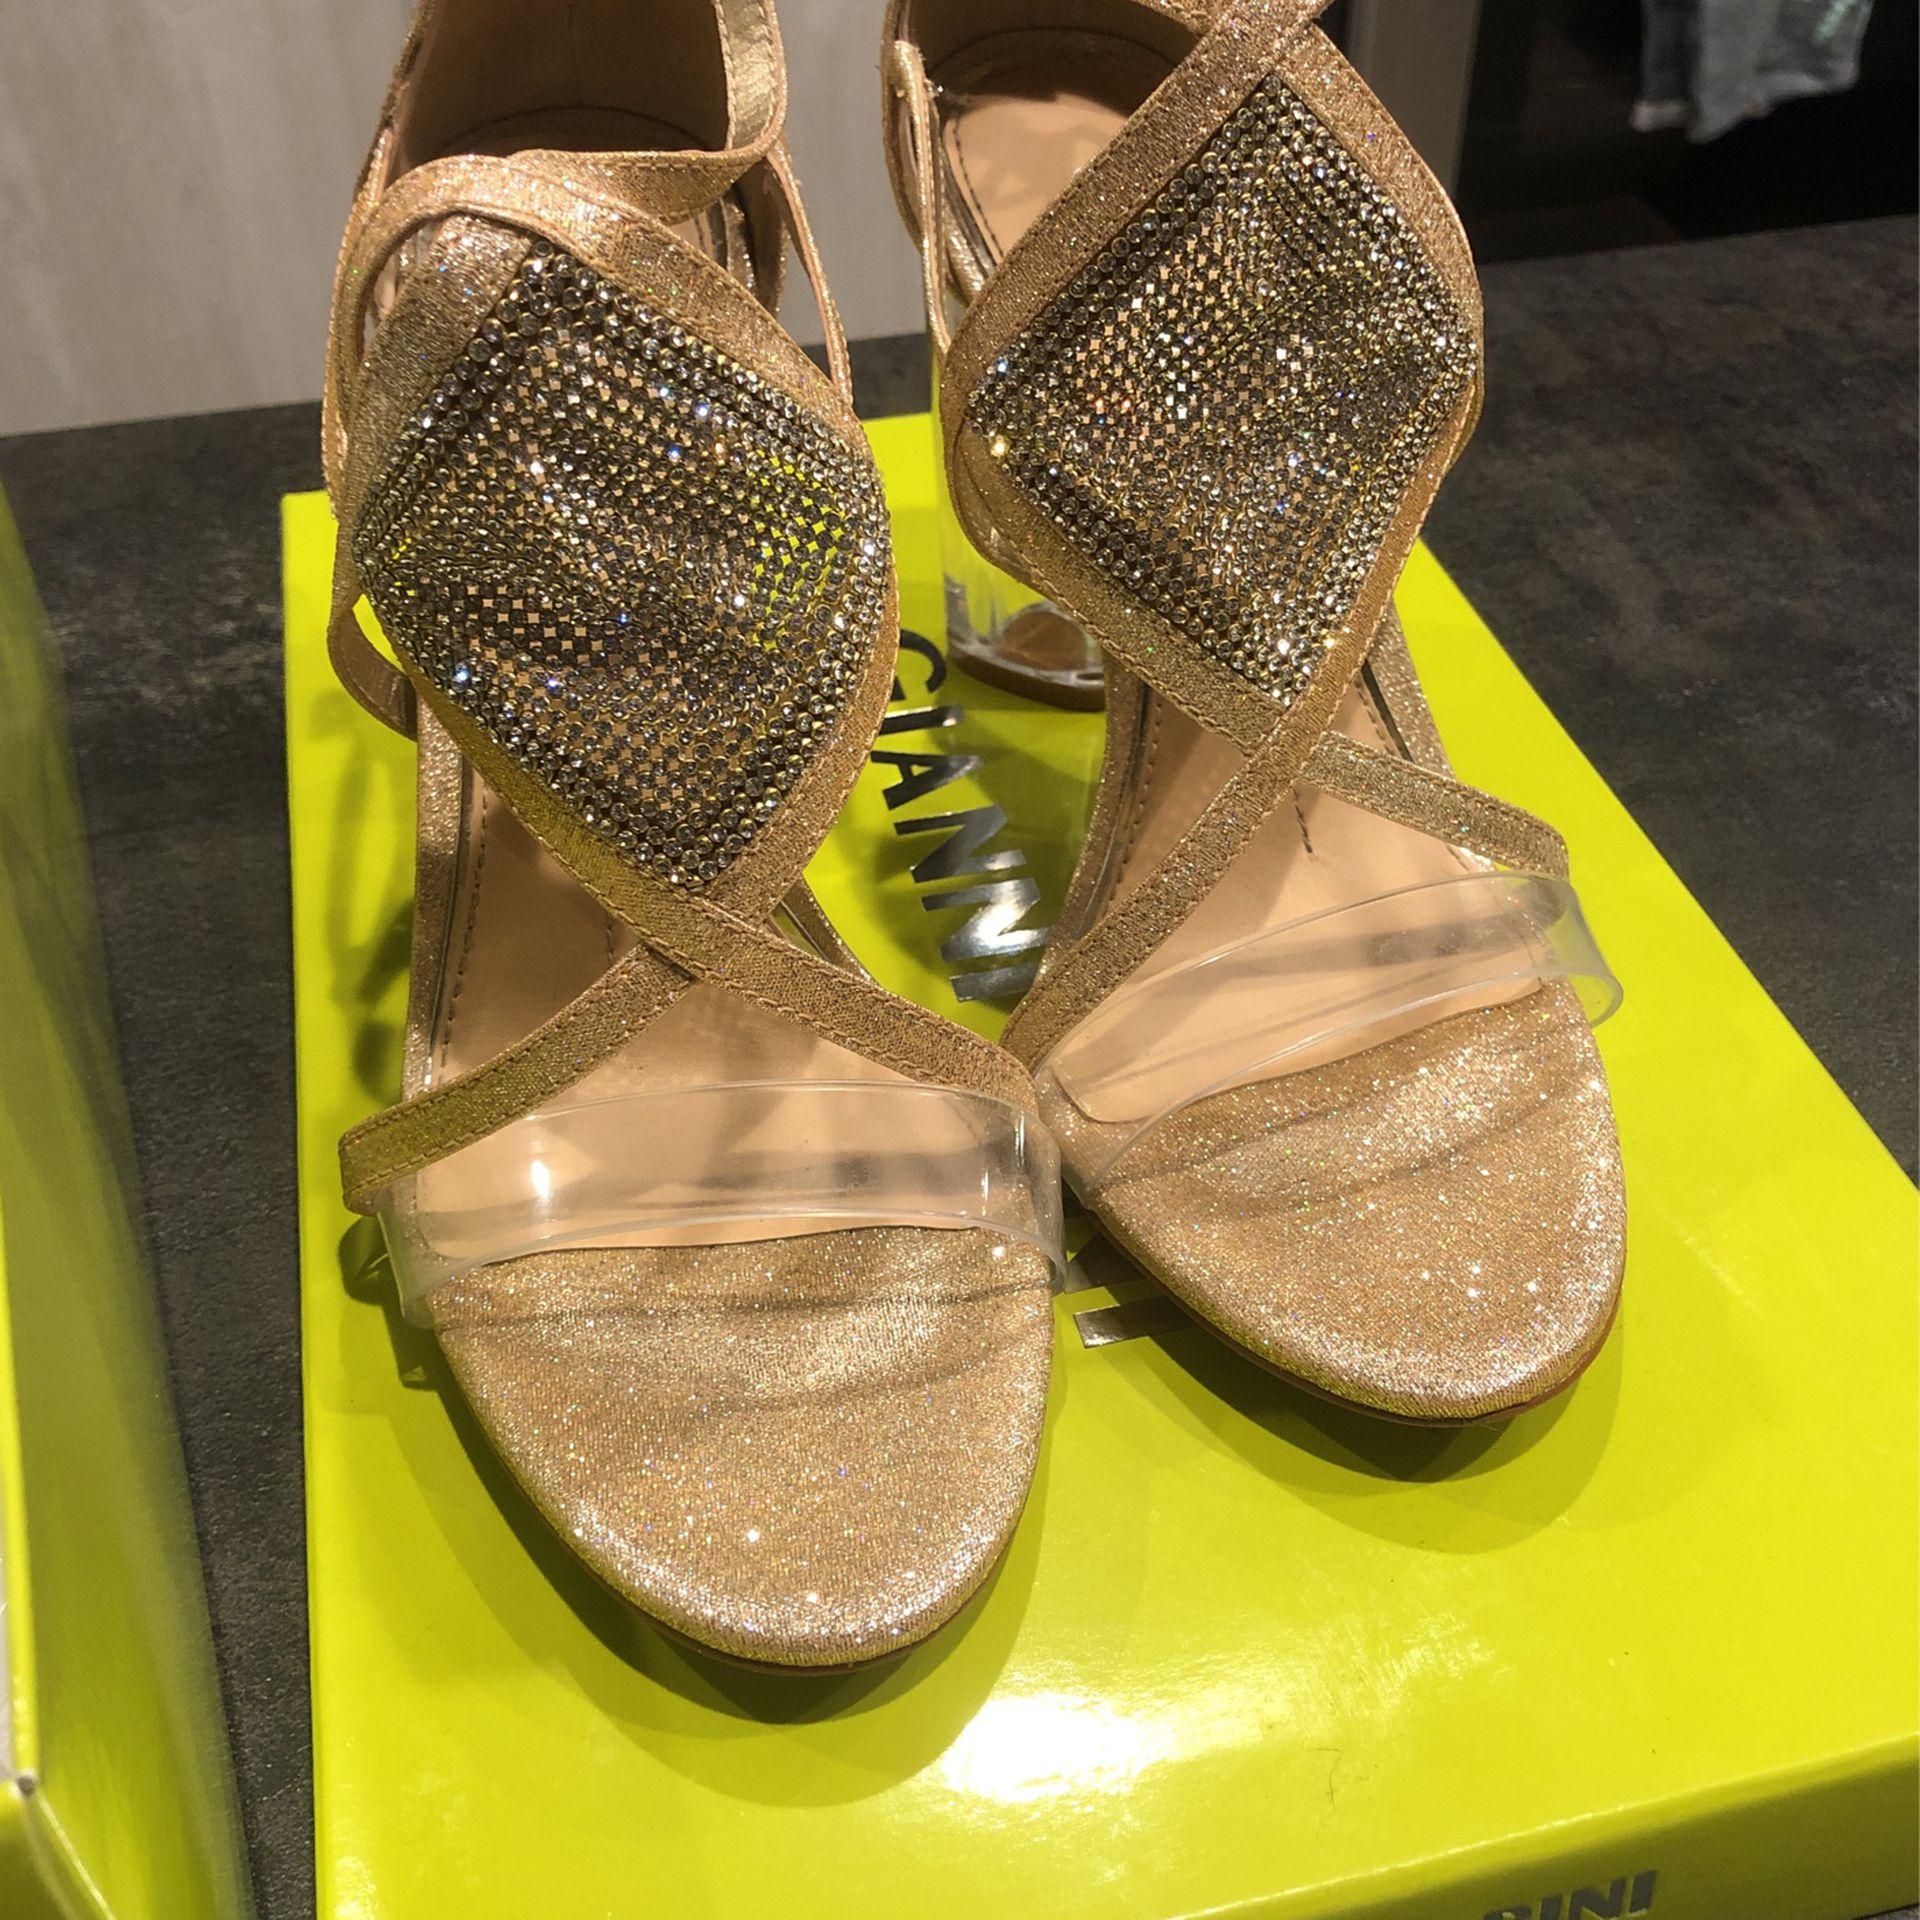 Size 7 Gianni Bini Formal Heels